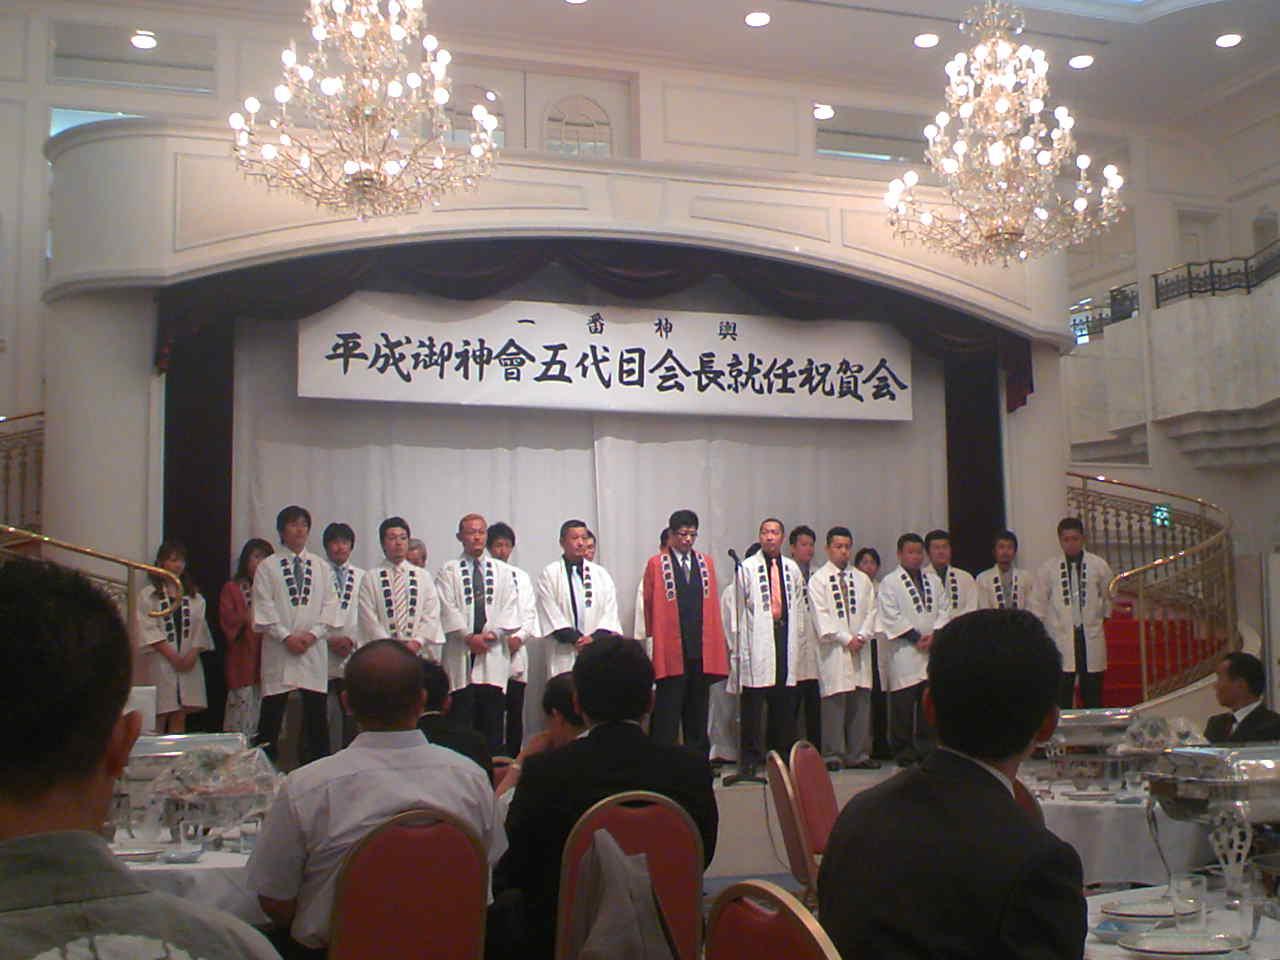 平成御神会五代目会長就任祝賀会